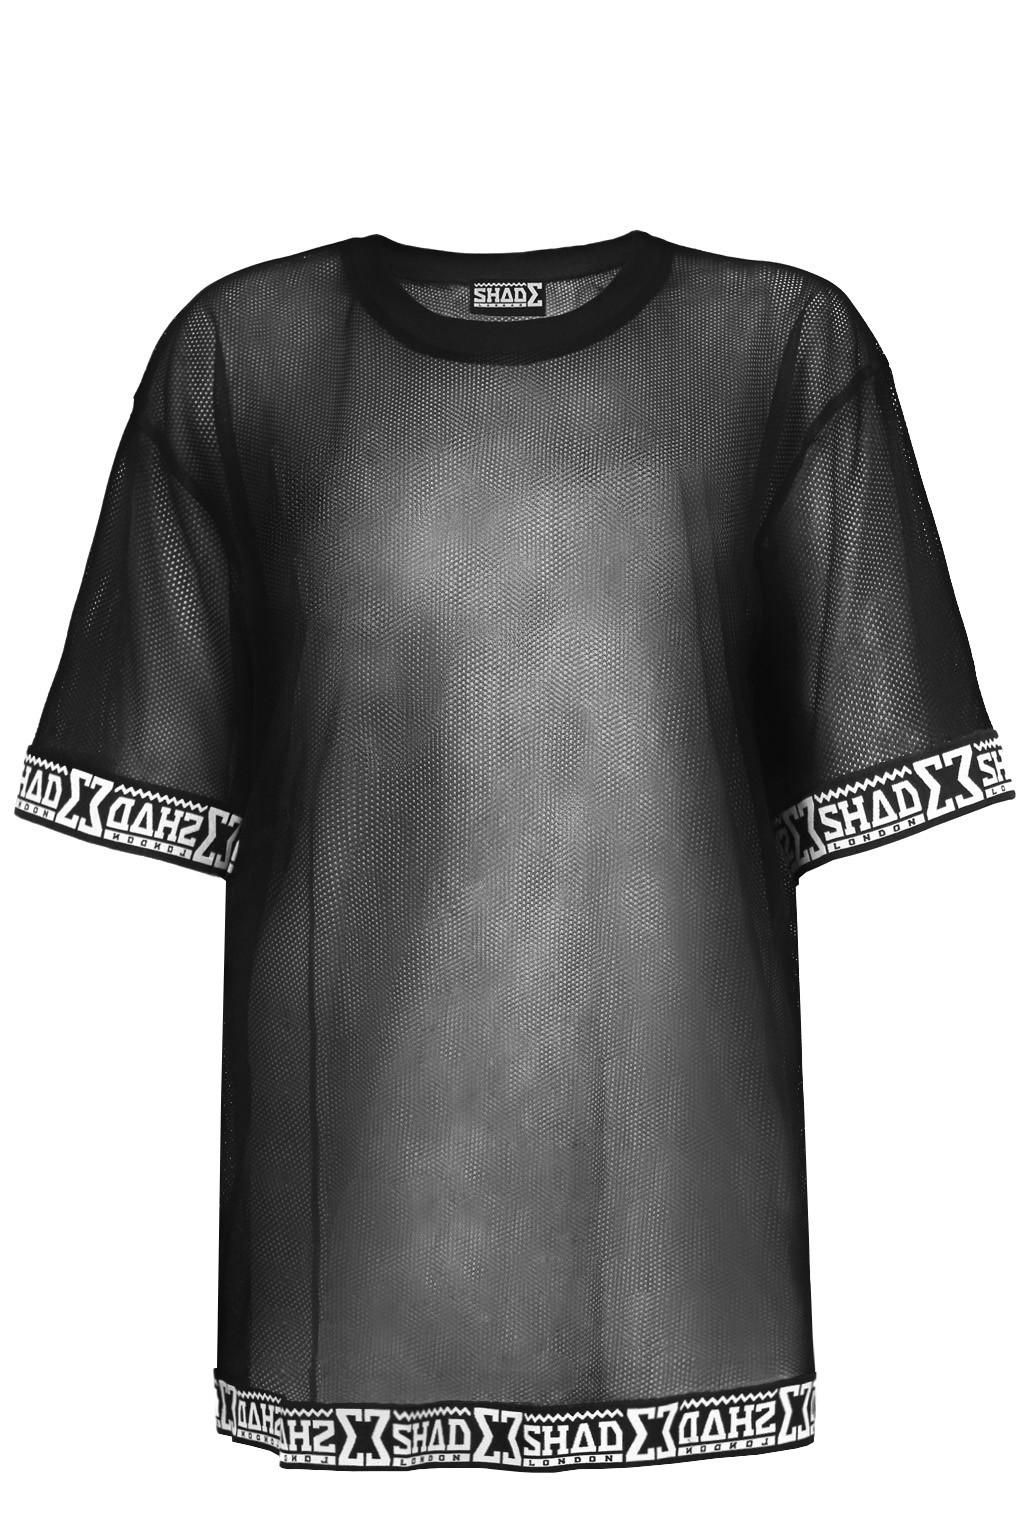 Shirt / black – shade london